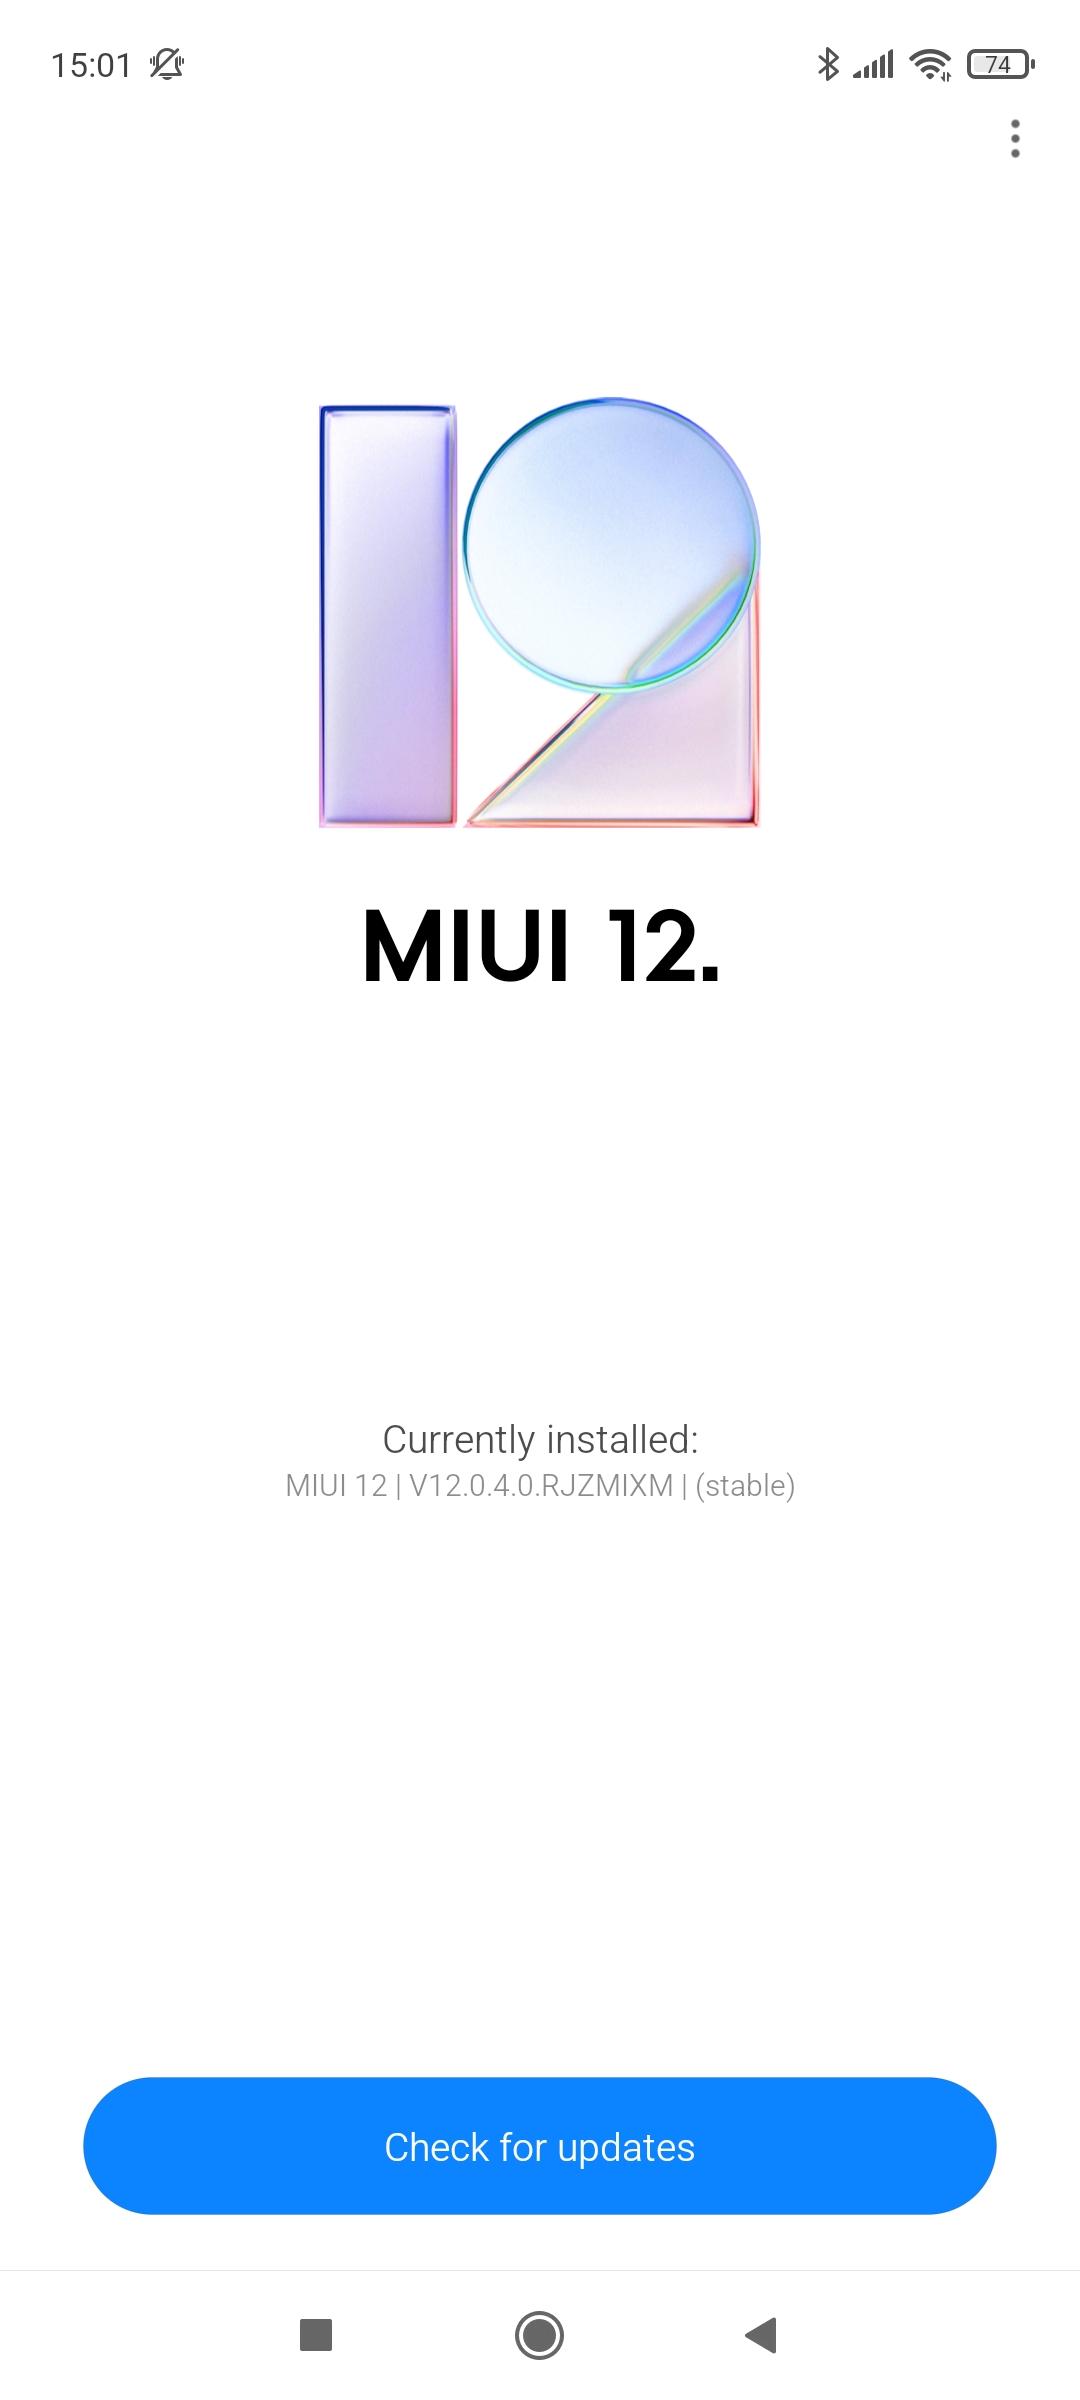 Screenshot_2021-07-29-15-01-53-371_com.android.updater.jpg